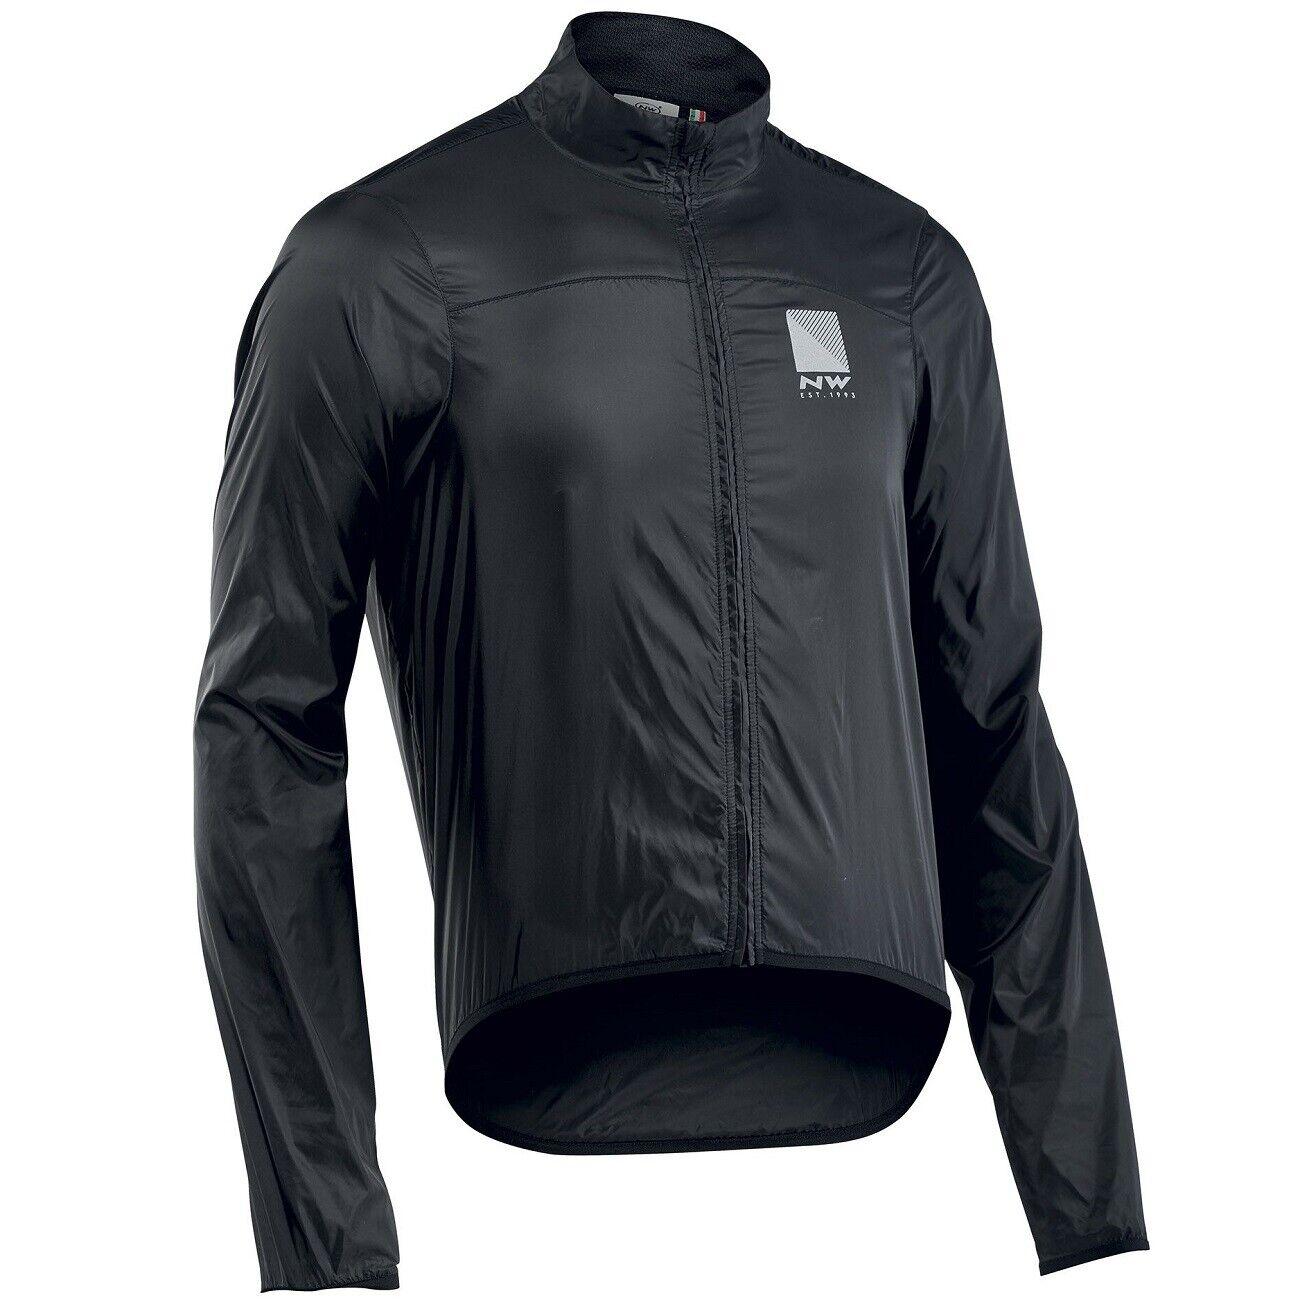 Northwave Breeze 2 Fahrrad-Regenjacke, Schwarz, Rennrad Jacke, MTB Mountainbike